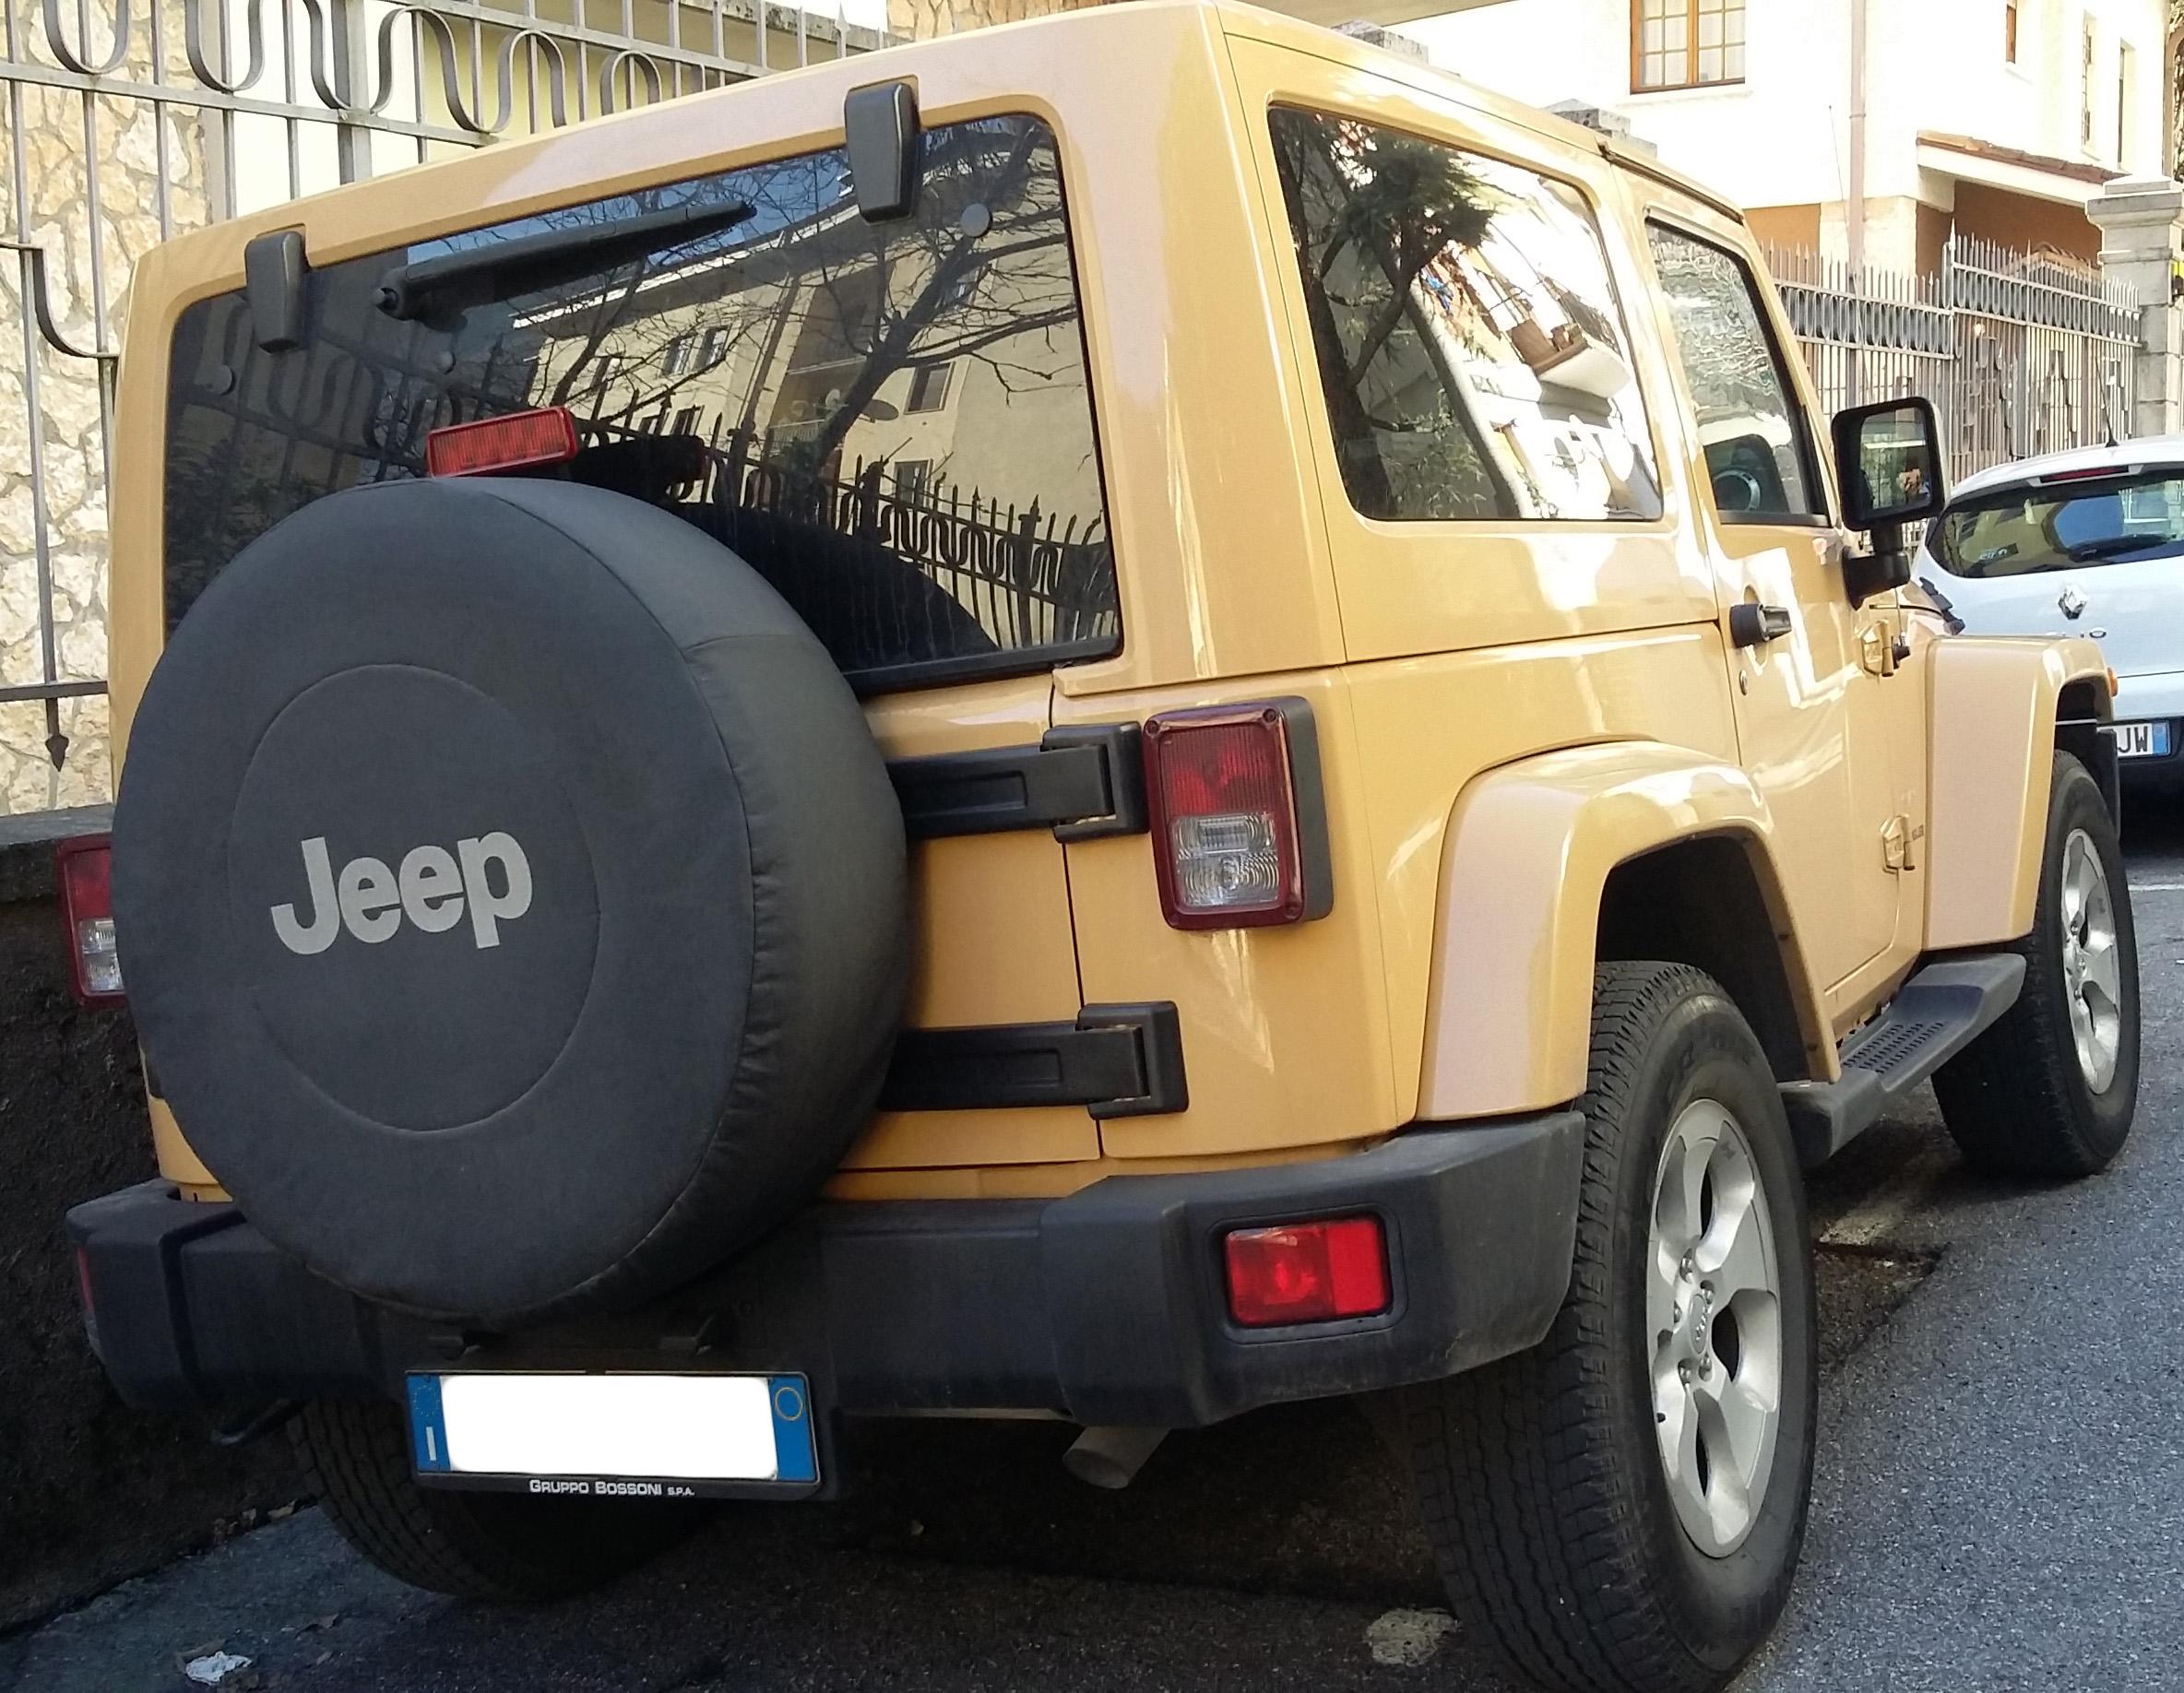 File:2006 Jeep Wrangler JK rear jpg - Wikimedia Commons